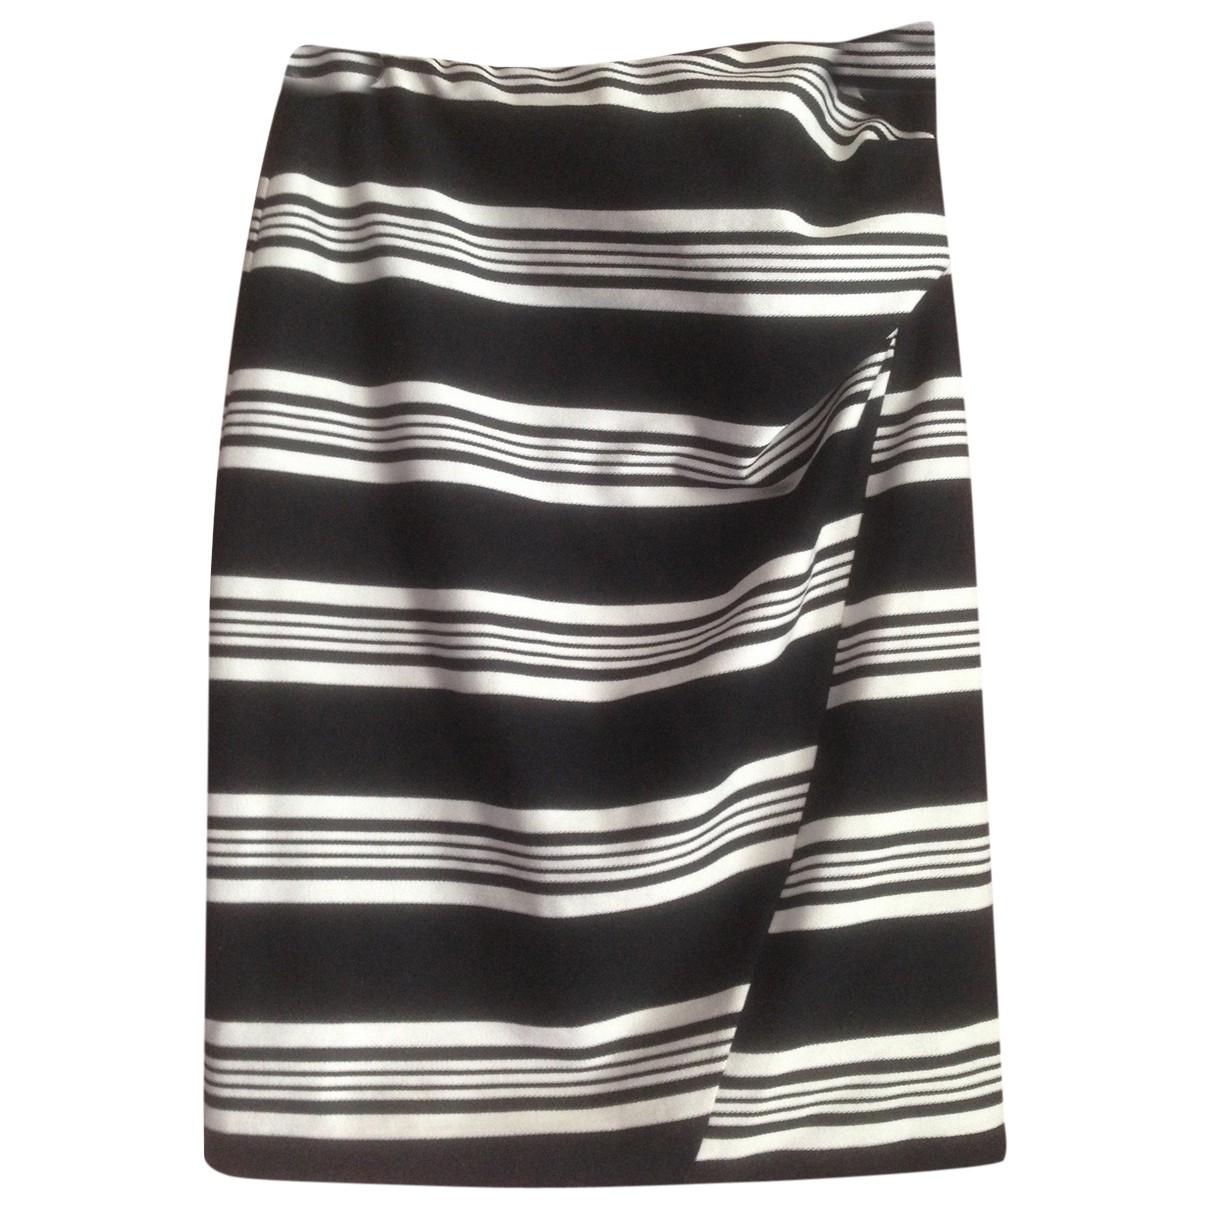 Max Mara \N Black Cotton skirt for Women S International